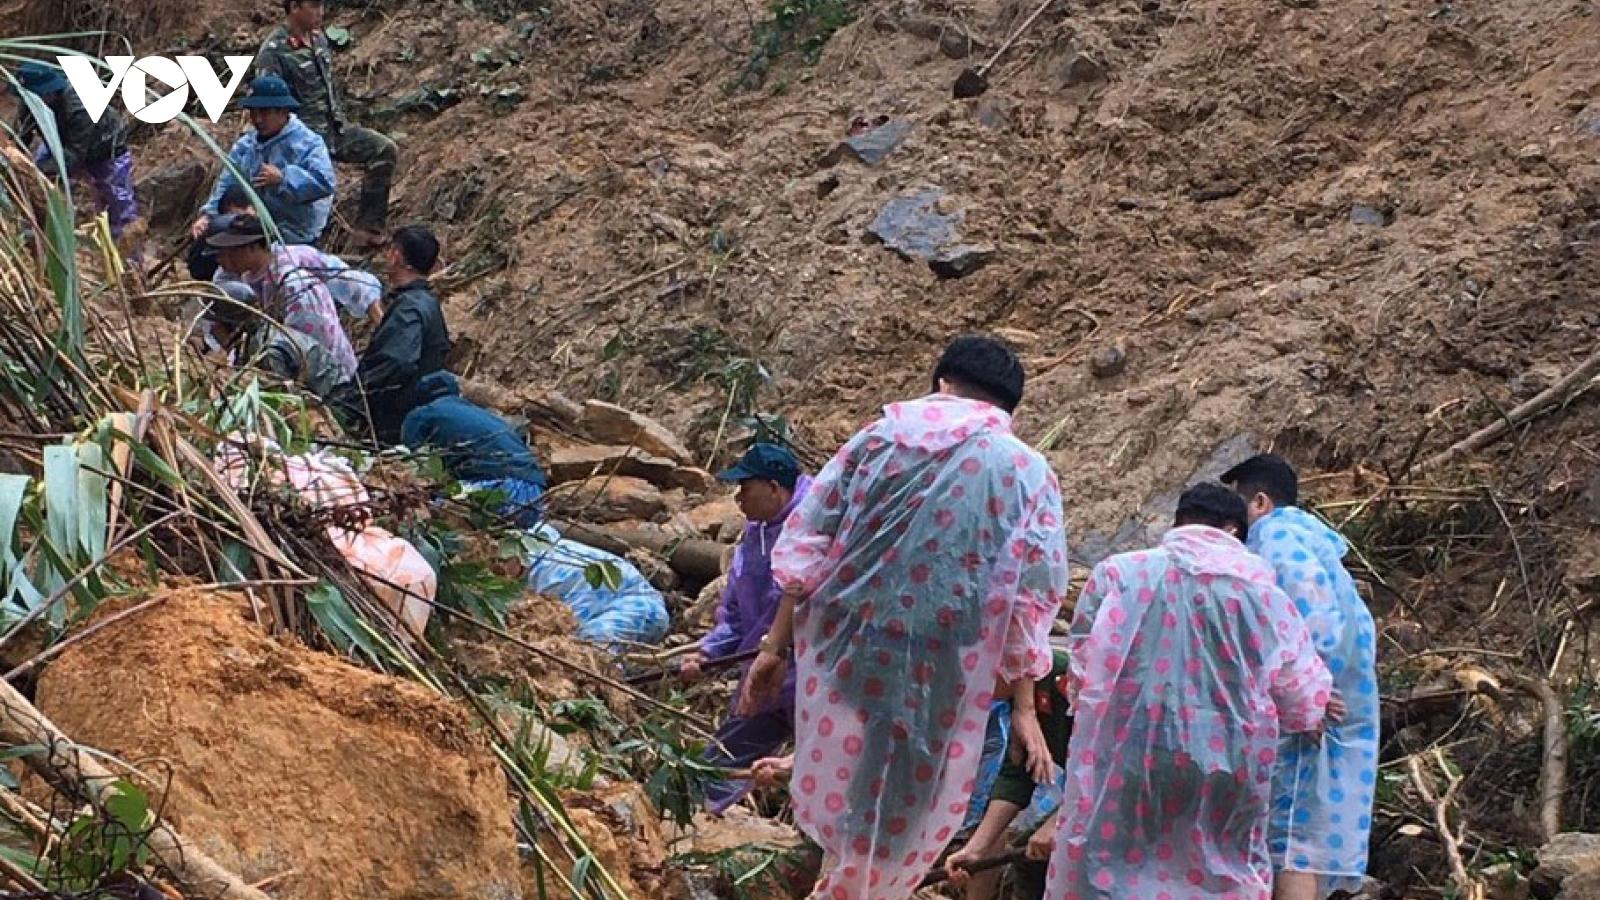 Lại xảy ra 3 vụ sạt lở núi, tạm dừng tìm kiếm người mất tích trên Quốc lộ 40B ở Quảng Nam